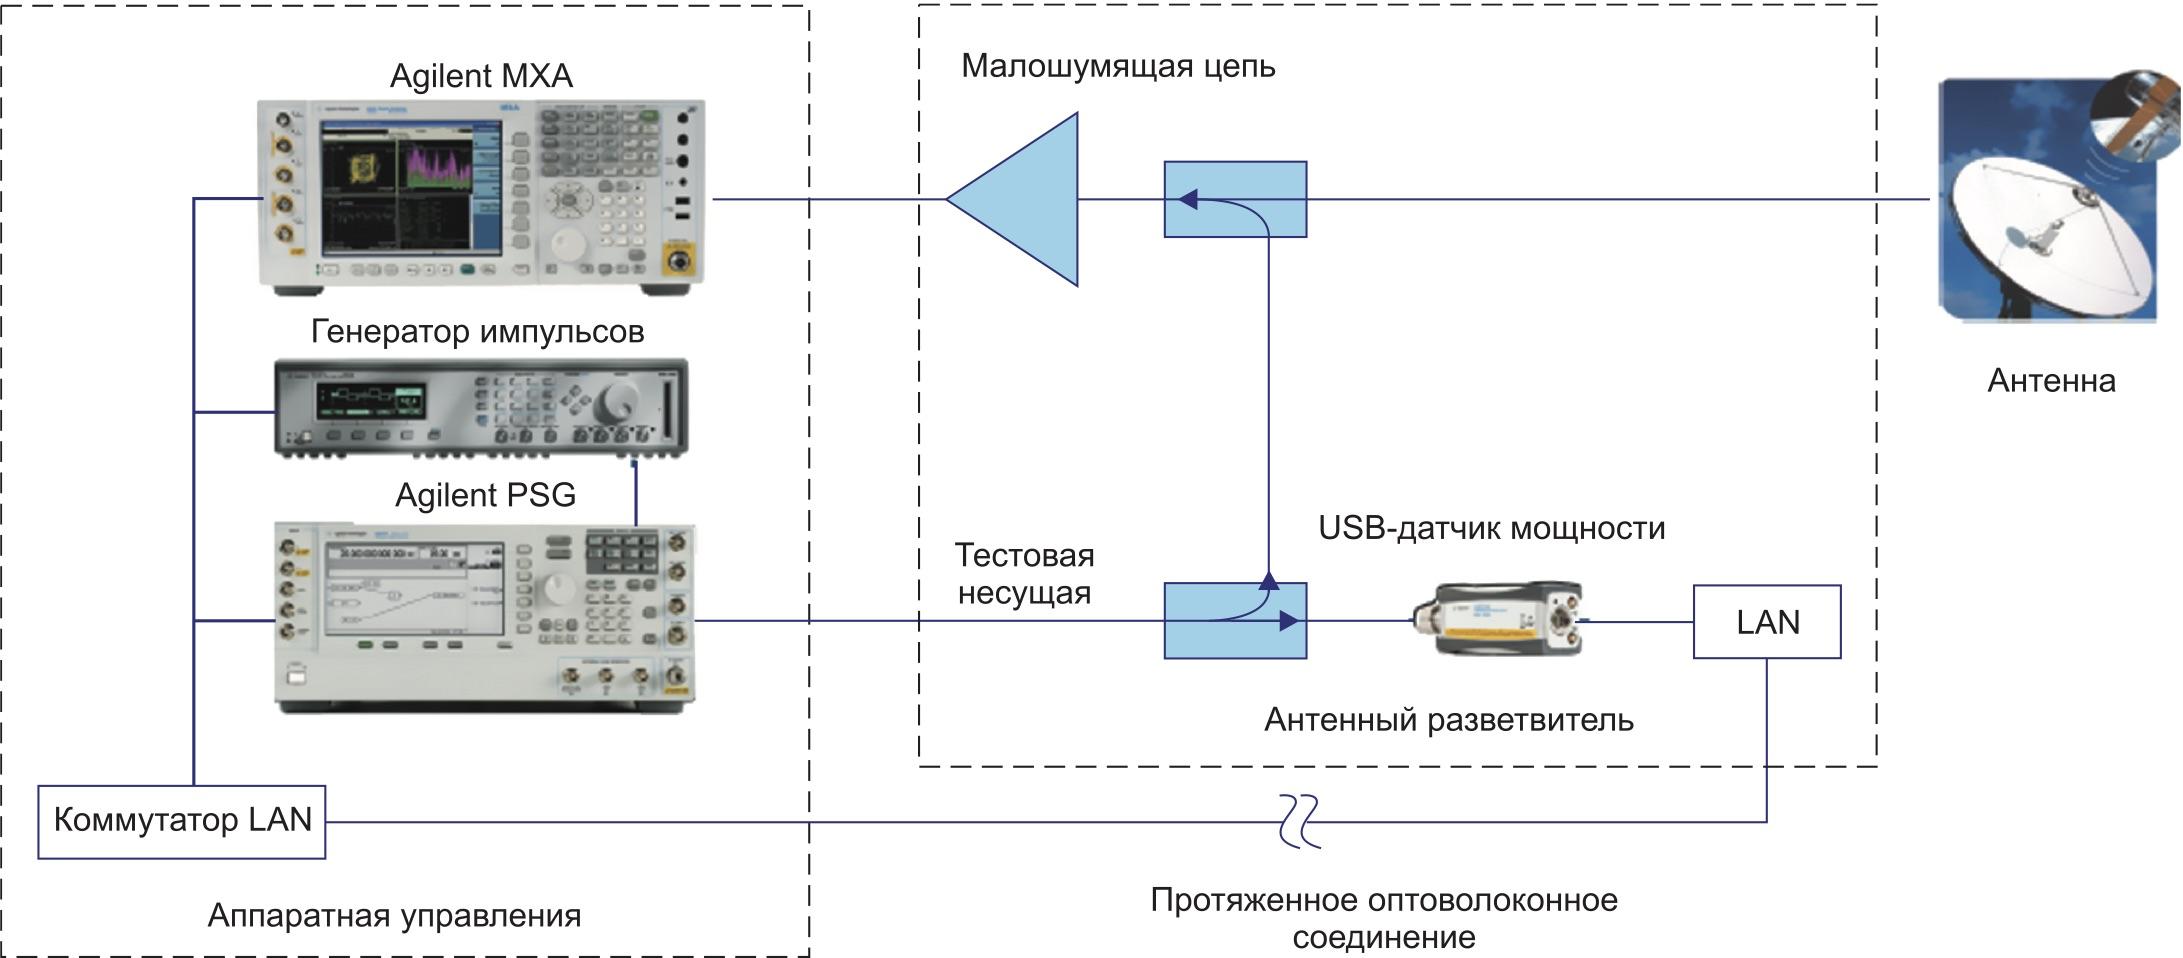 Типовая схема для непрерывного мониторинга мощности спутникового сигнала, принимаемого антенной